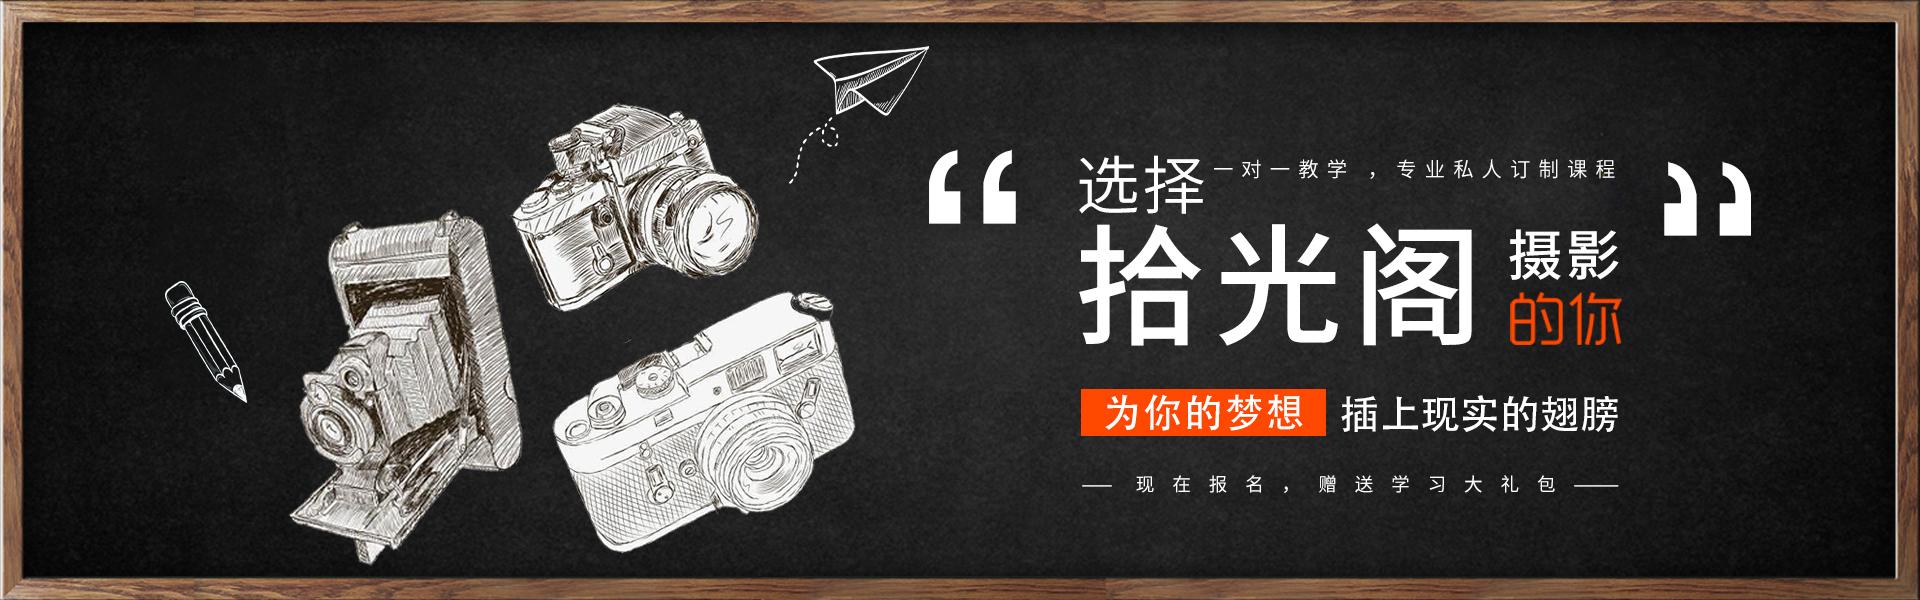 重庆摄影培训学校